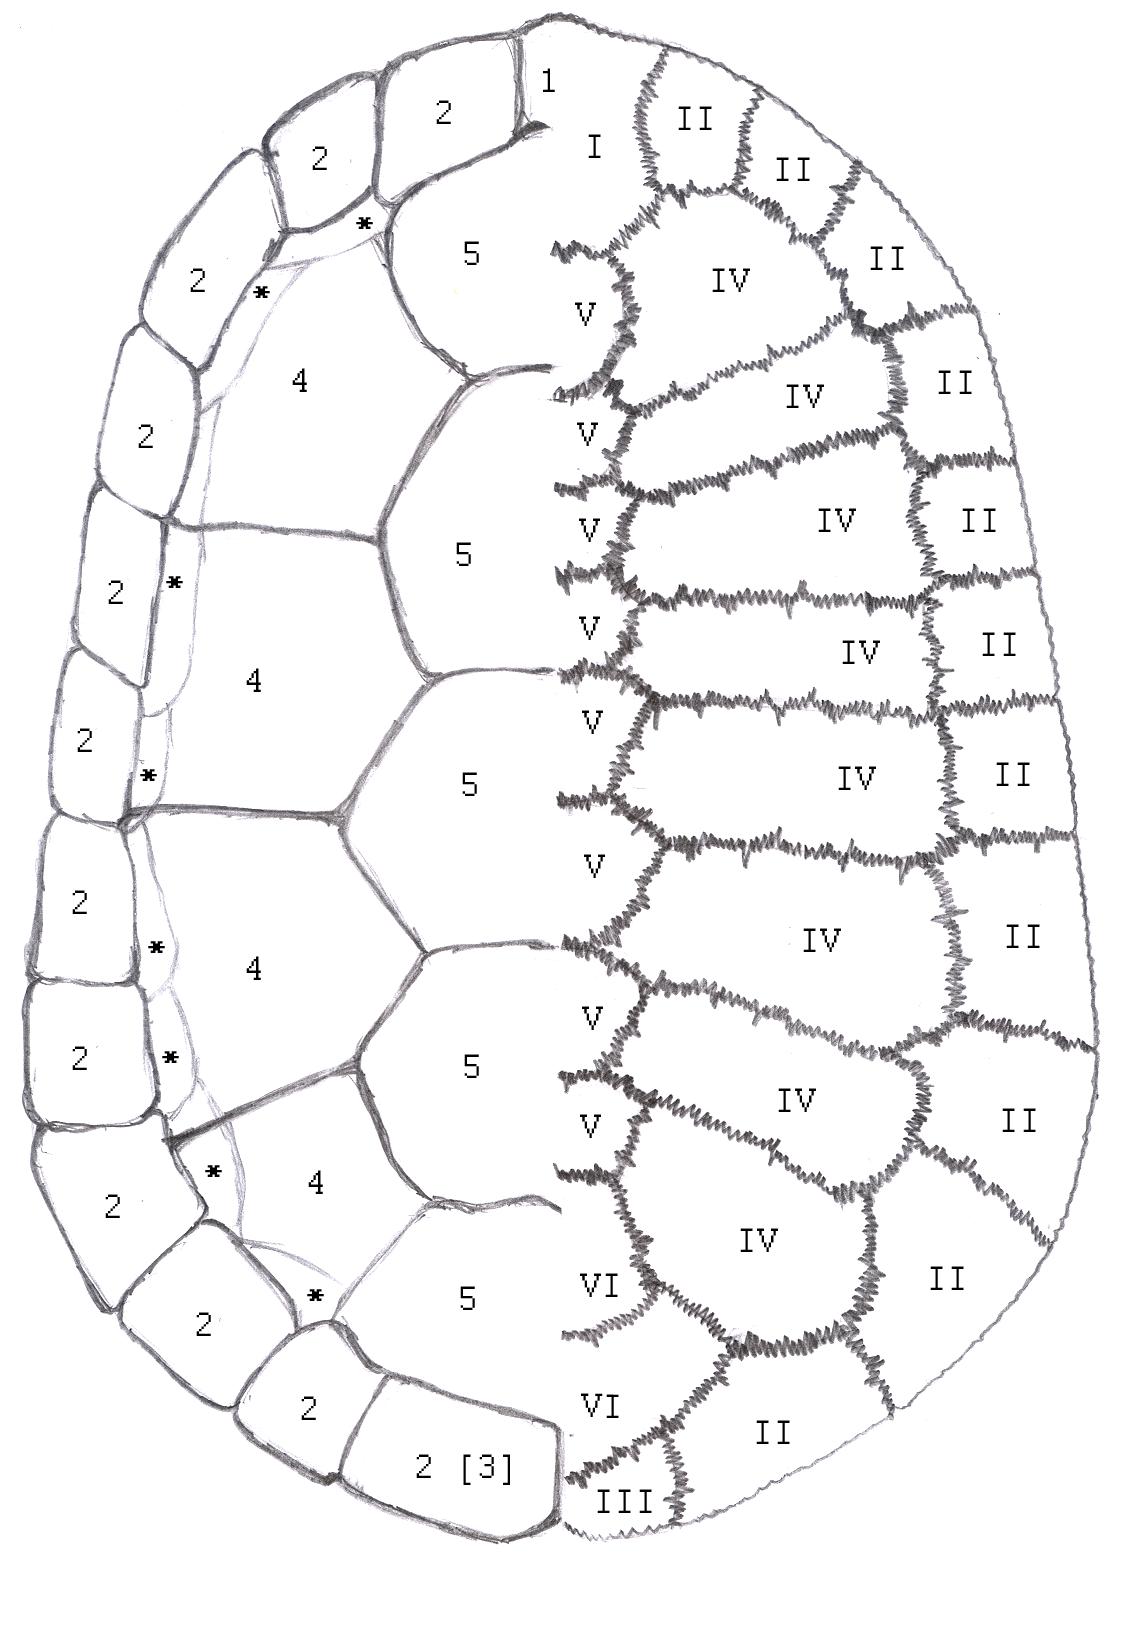 Knochenplatten Hornplatten im Vergleich. Panzer Schildkröten